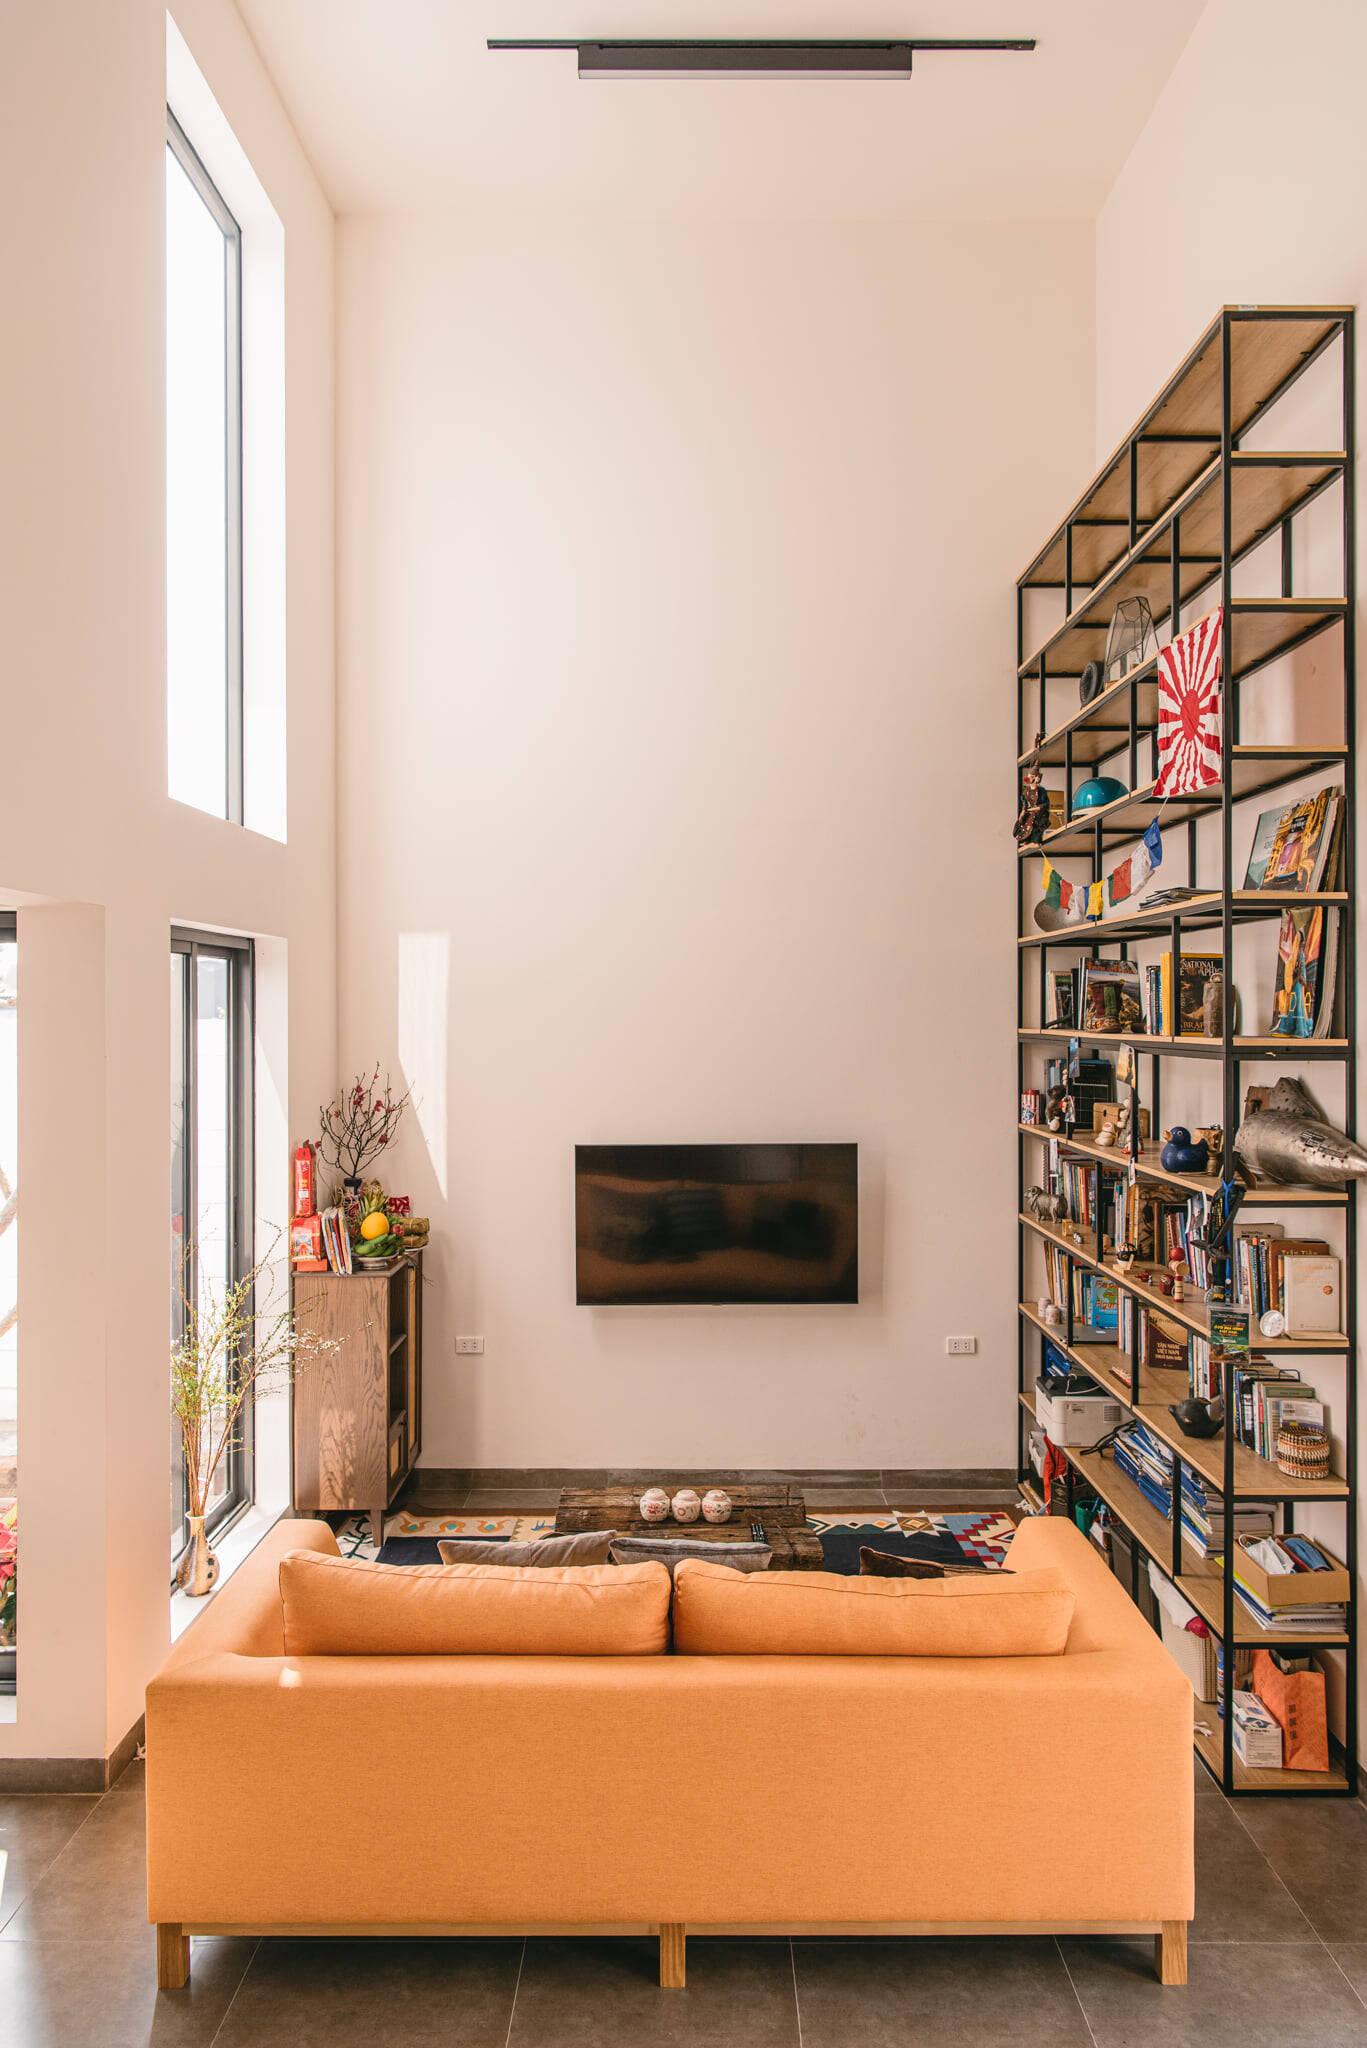 Phòng khách với trần cao thoáng và không thể thiếu ánh sáng nhờ các hệ cửa kính lớn kịch trần